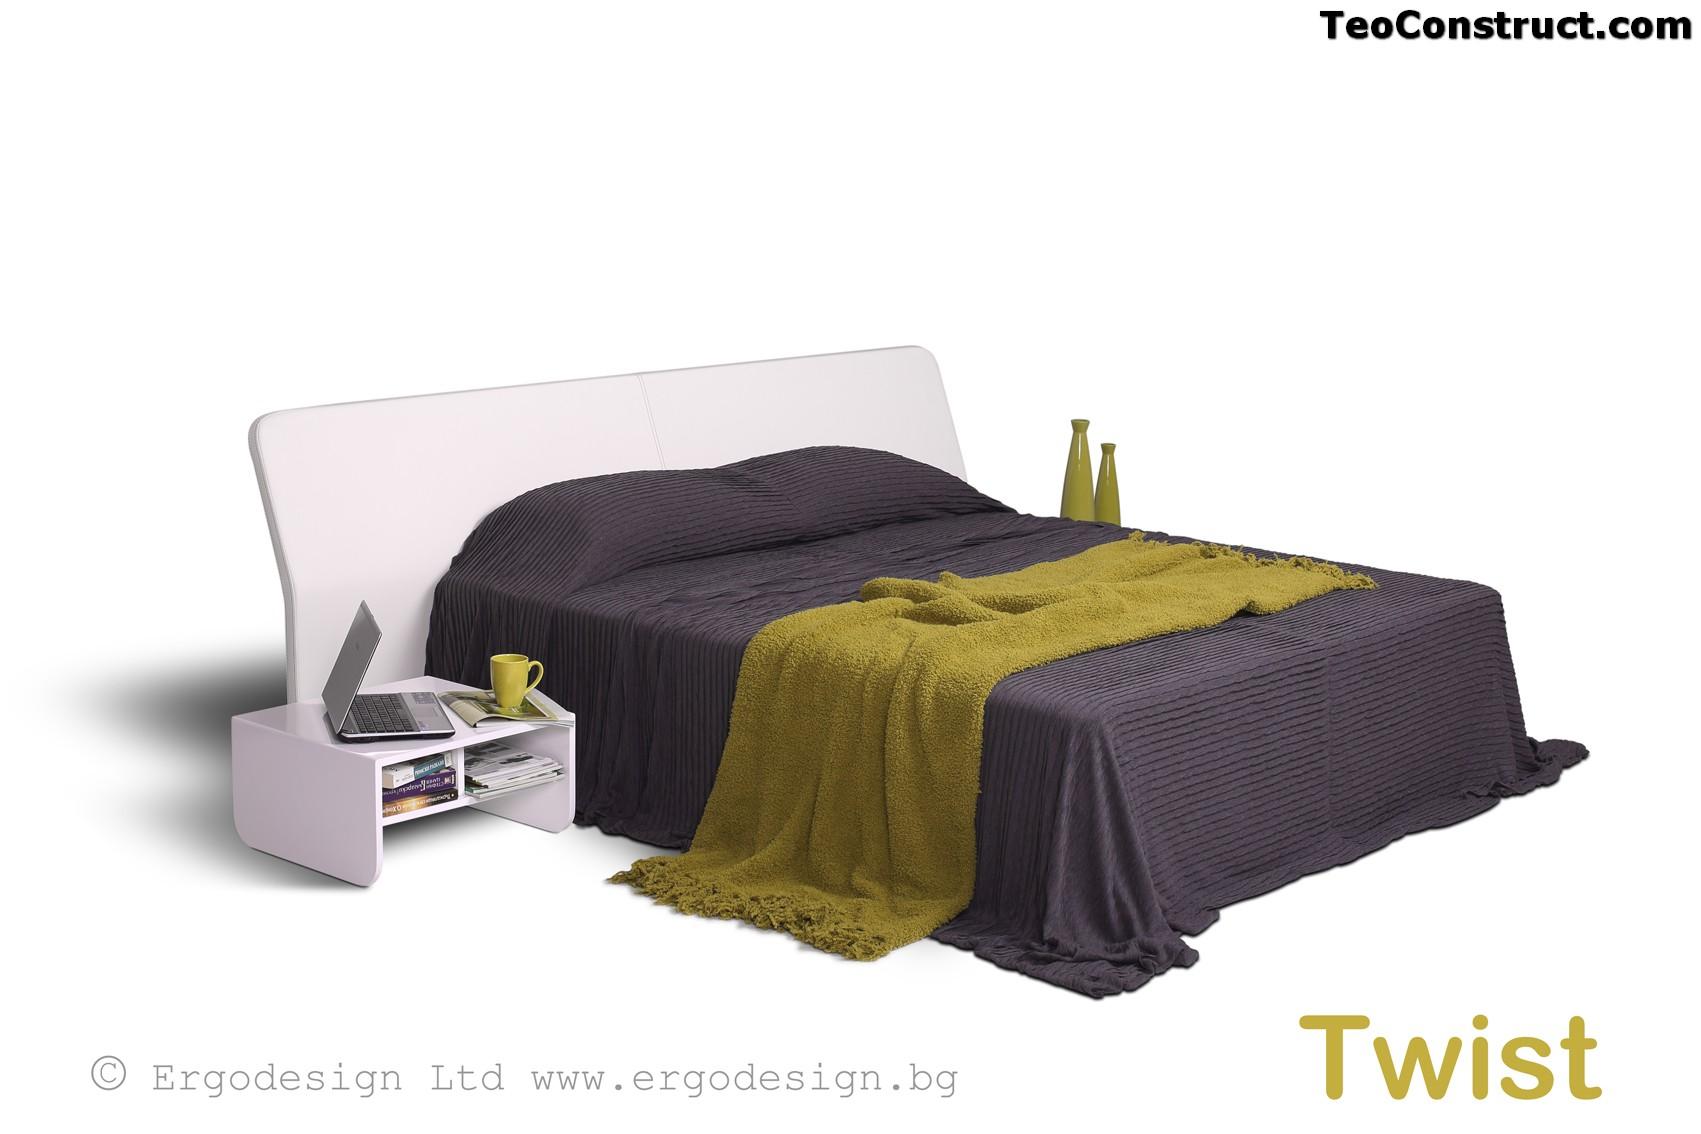 Canapea Twist pentru apartament02